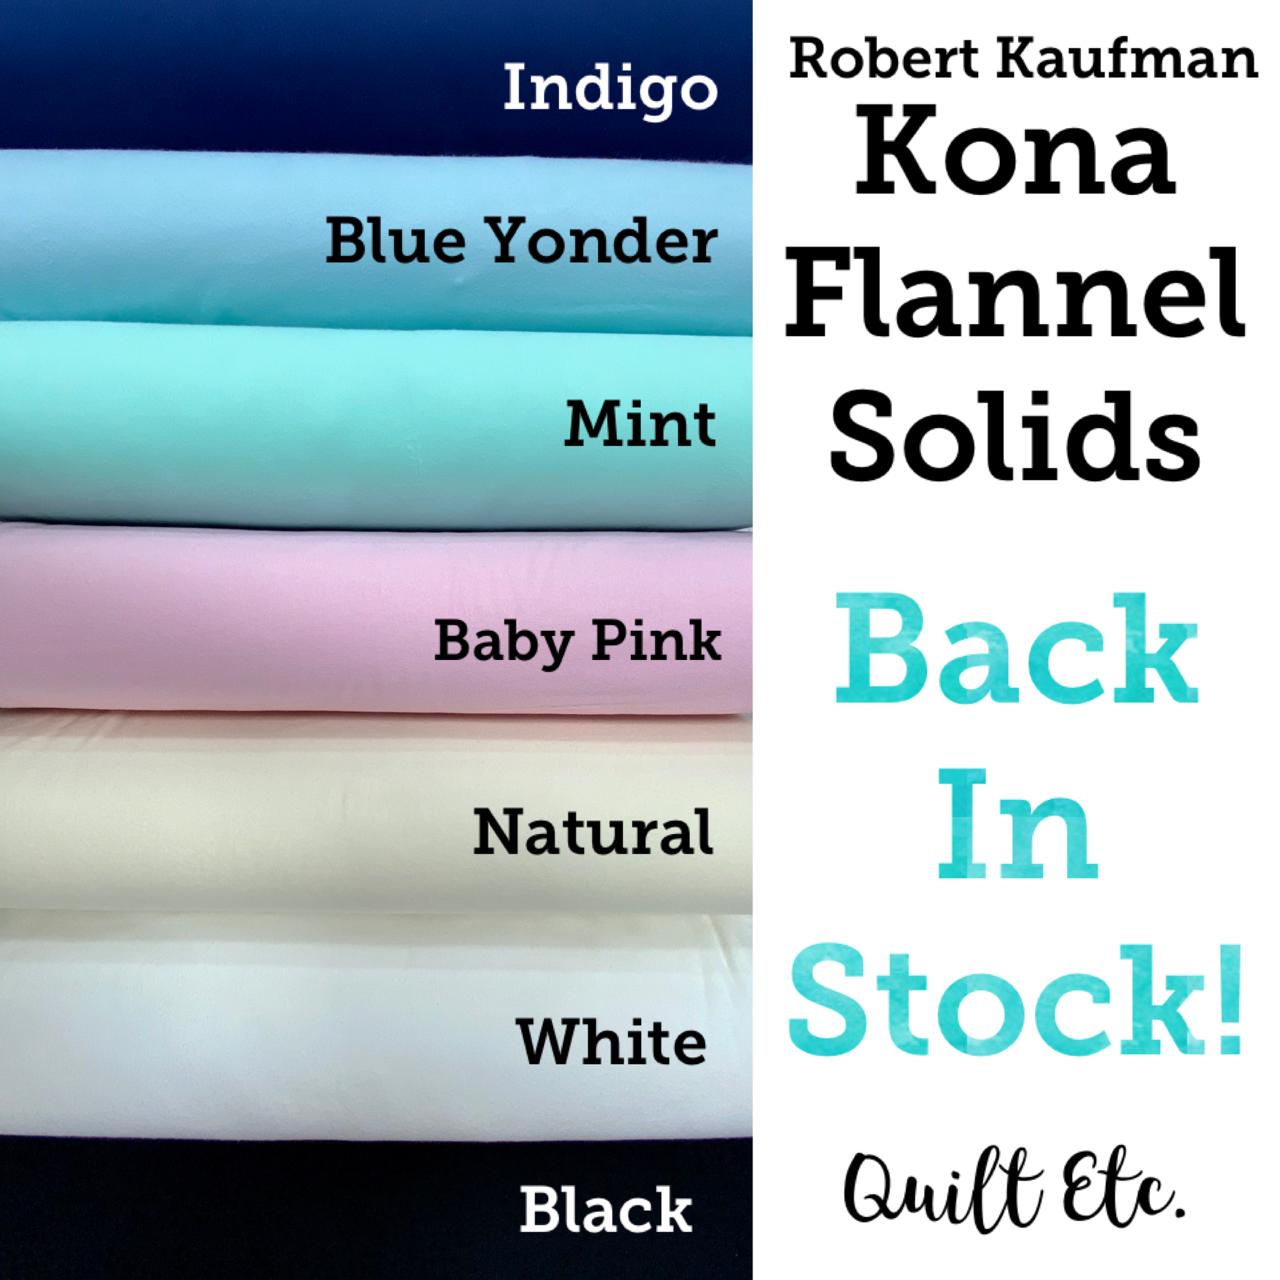 Kona Flannel Solids